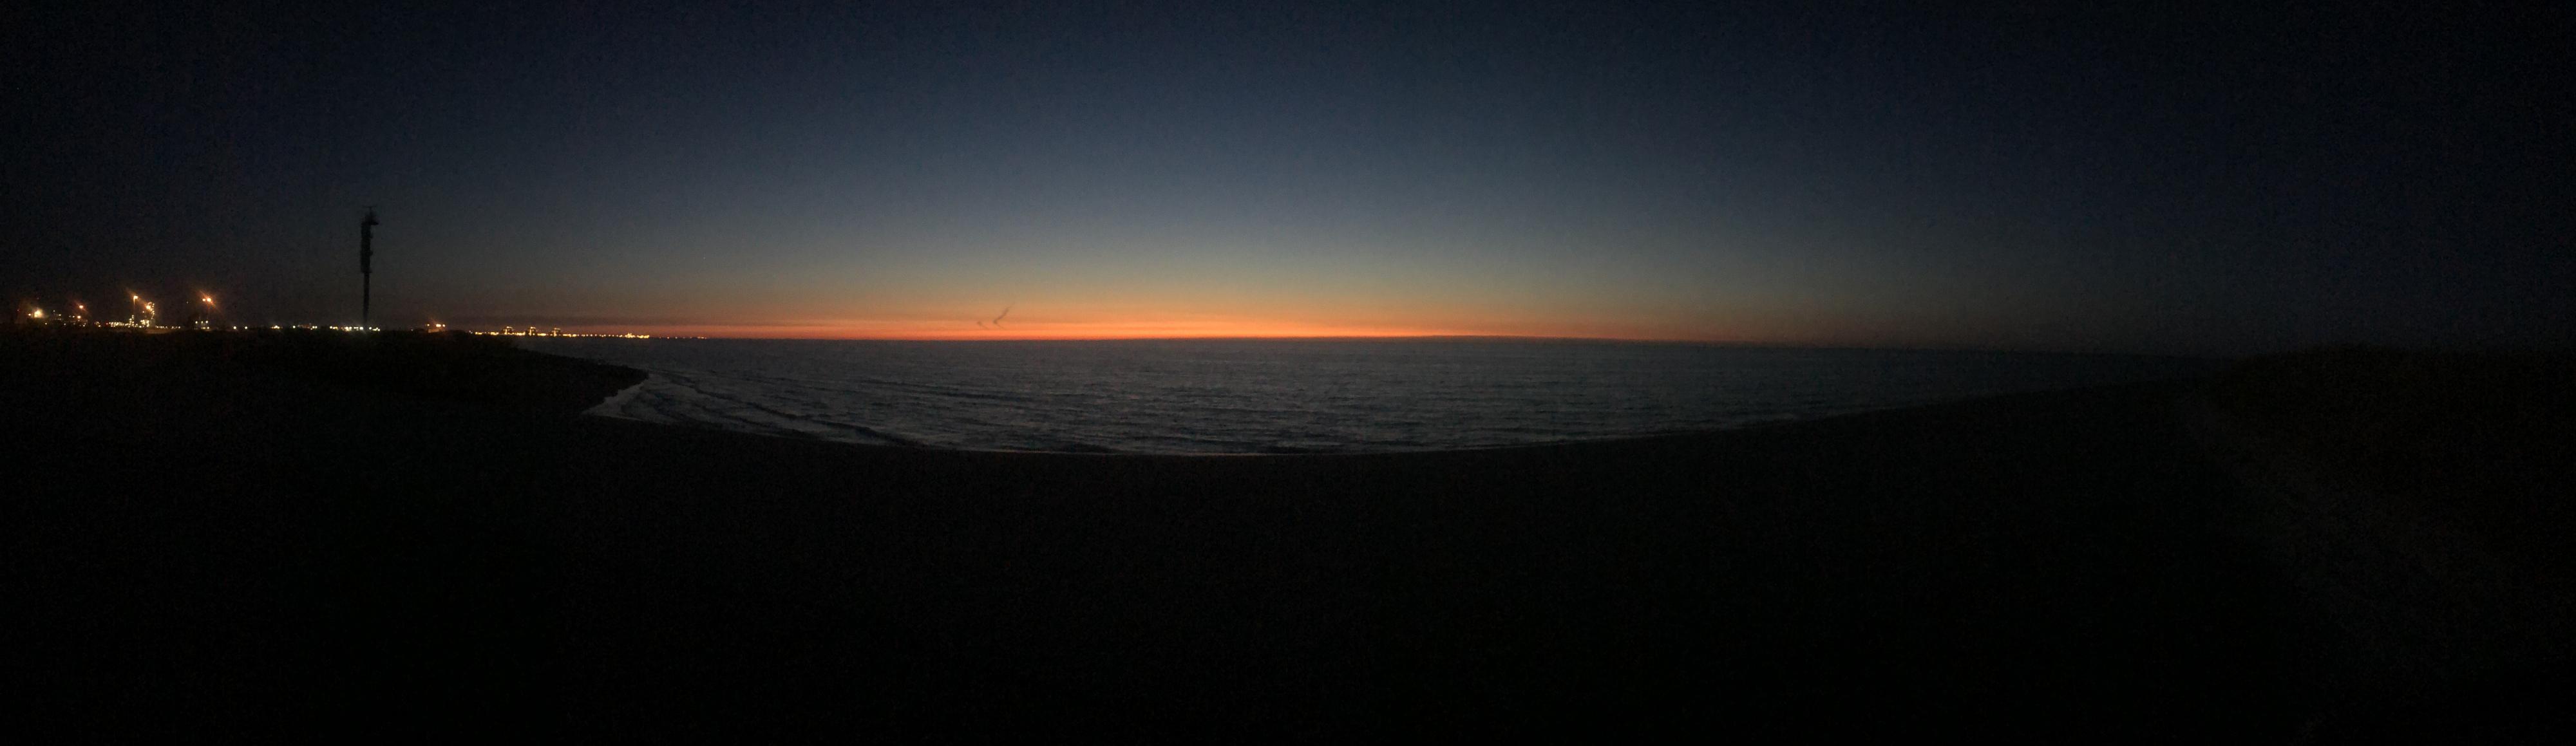 Crépuscule du 23 07 18